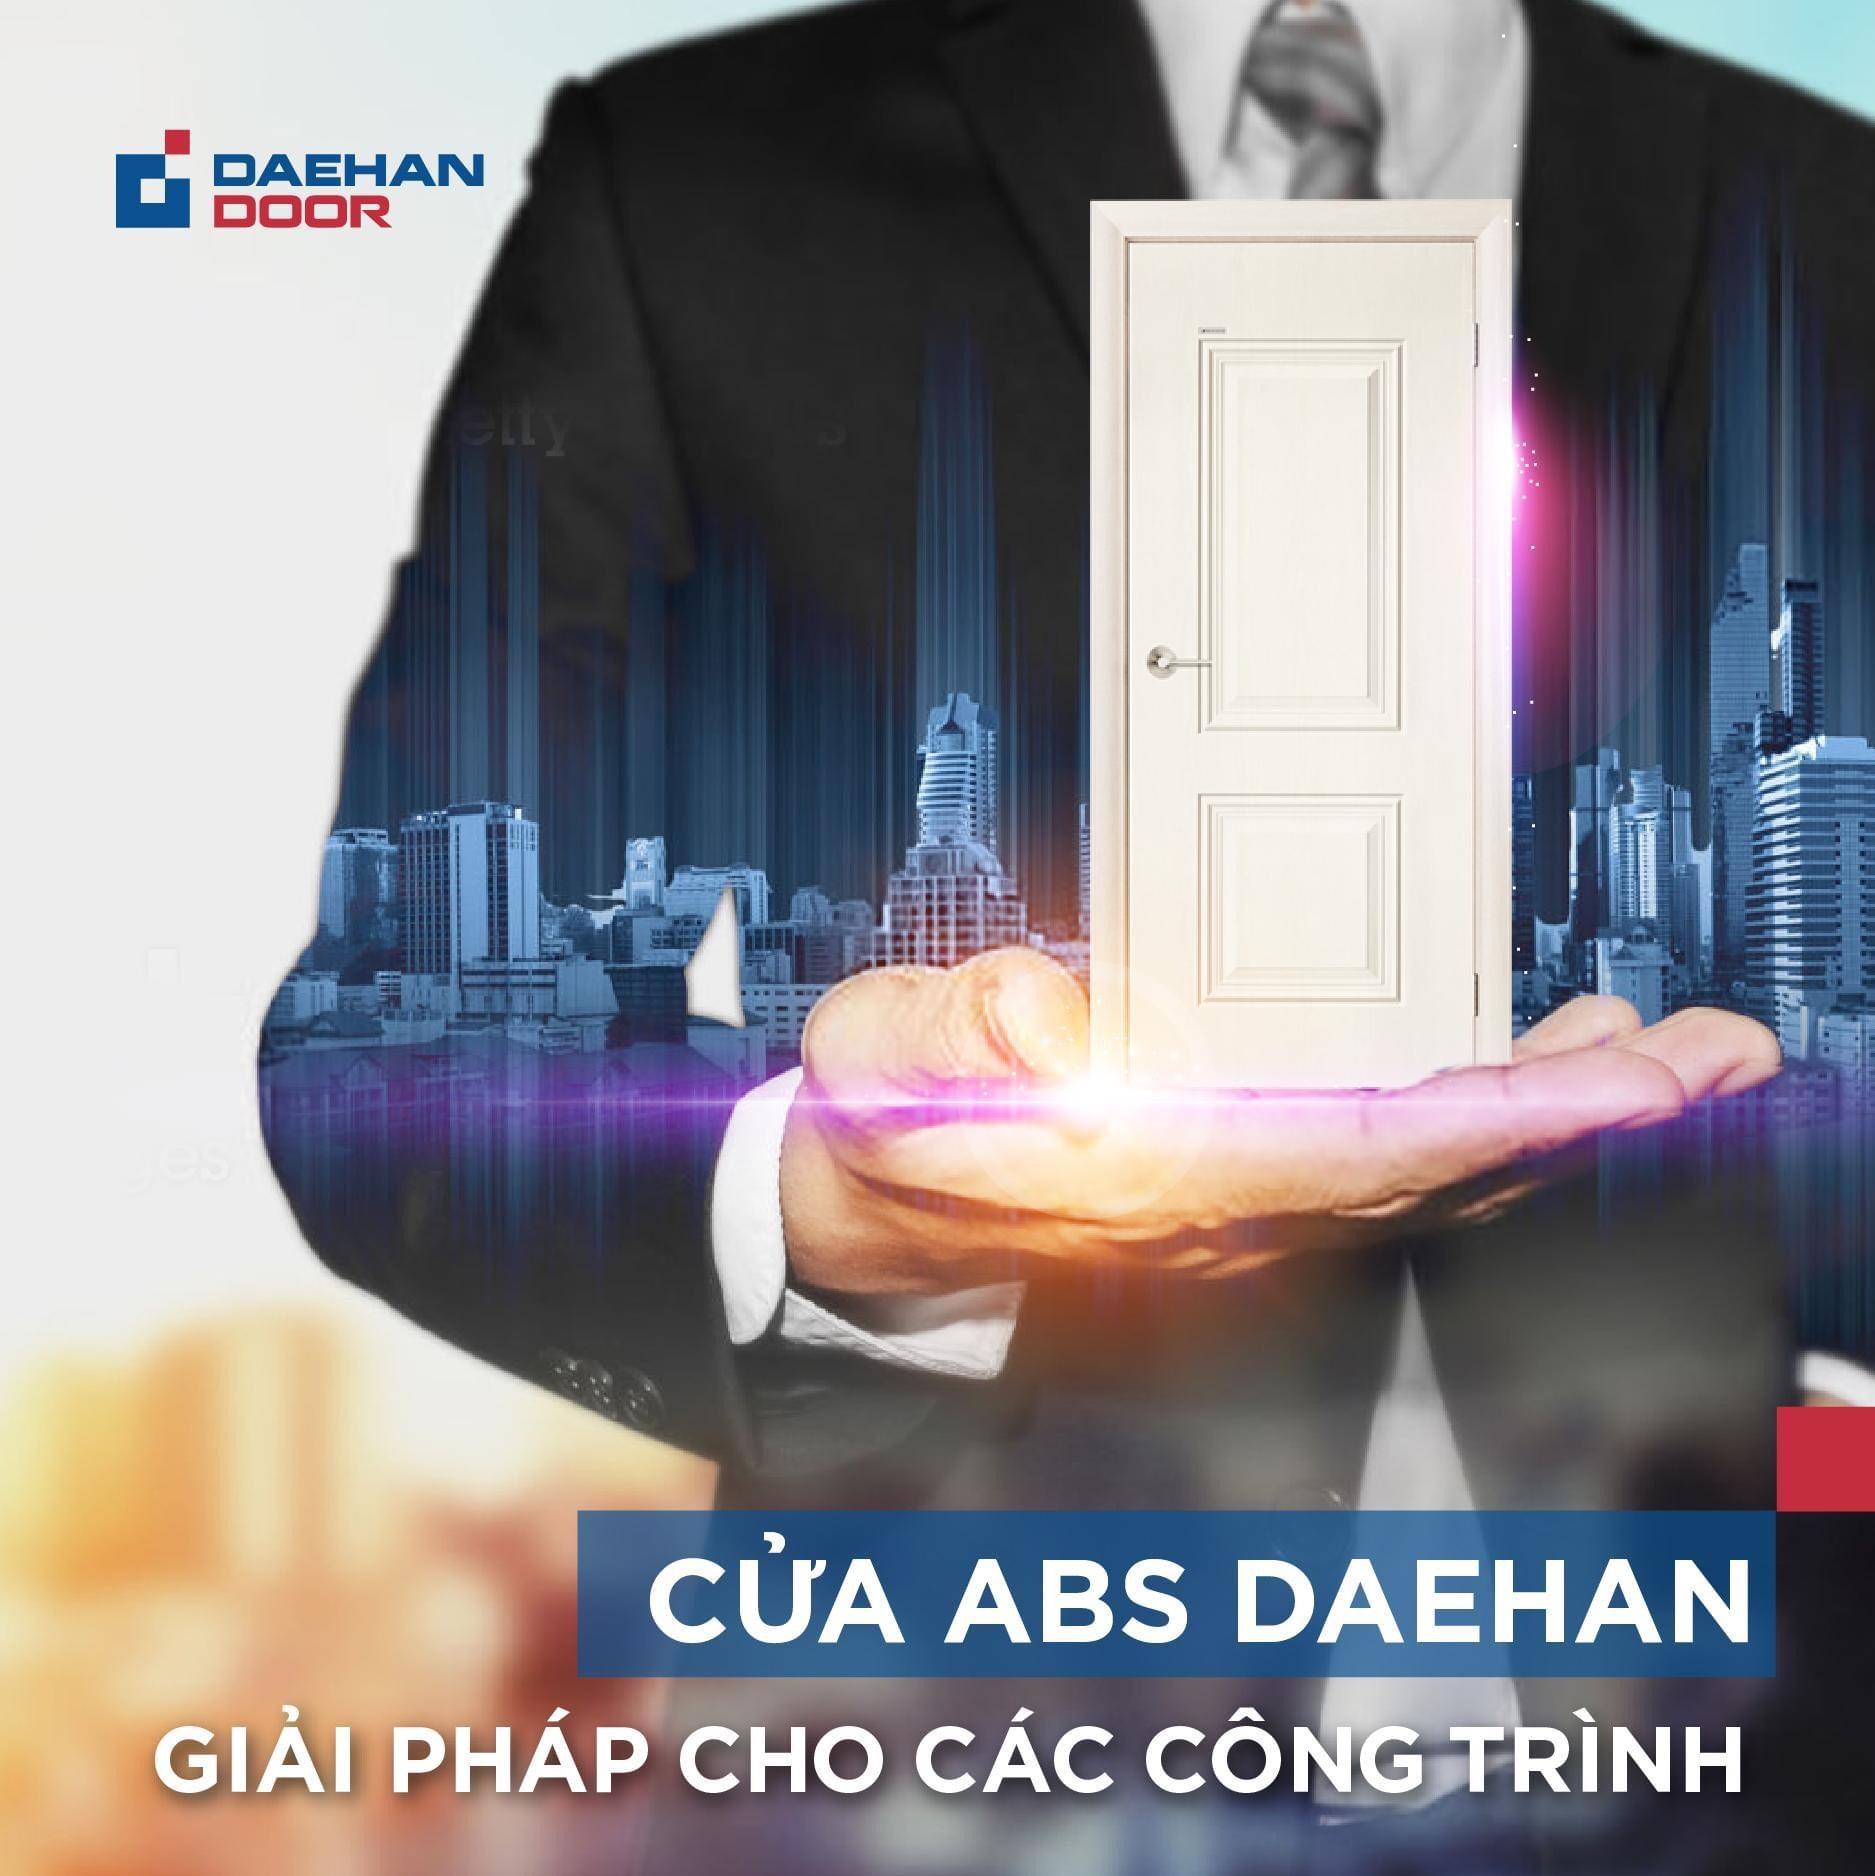 Cửa ABS Daehan đã và đang đồng hành với mọi công trình ở Việt Nam